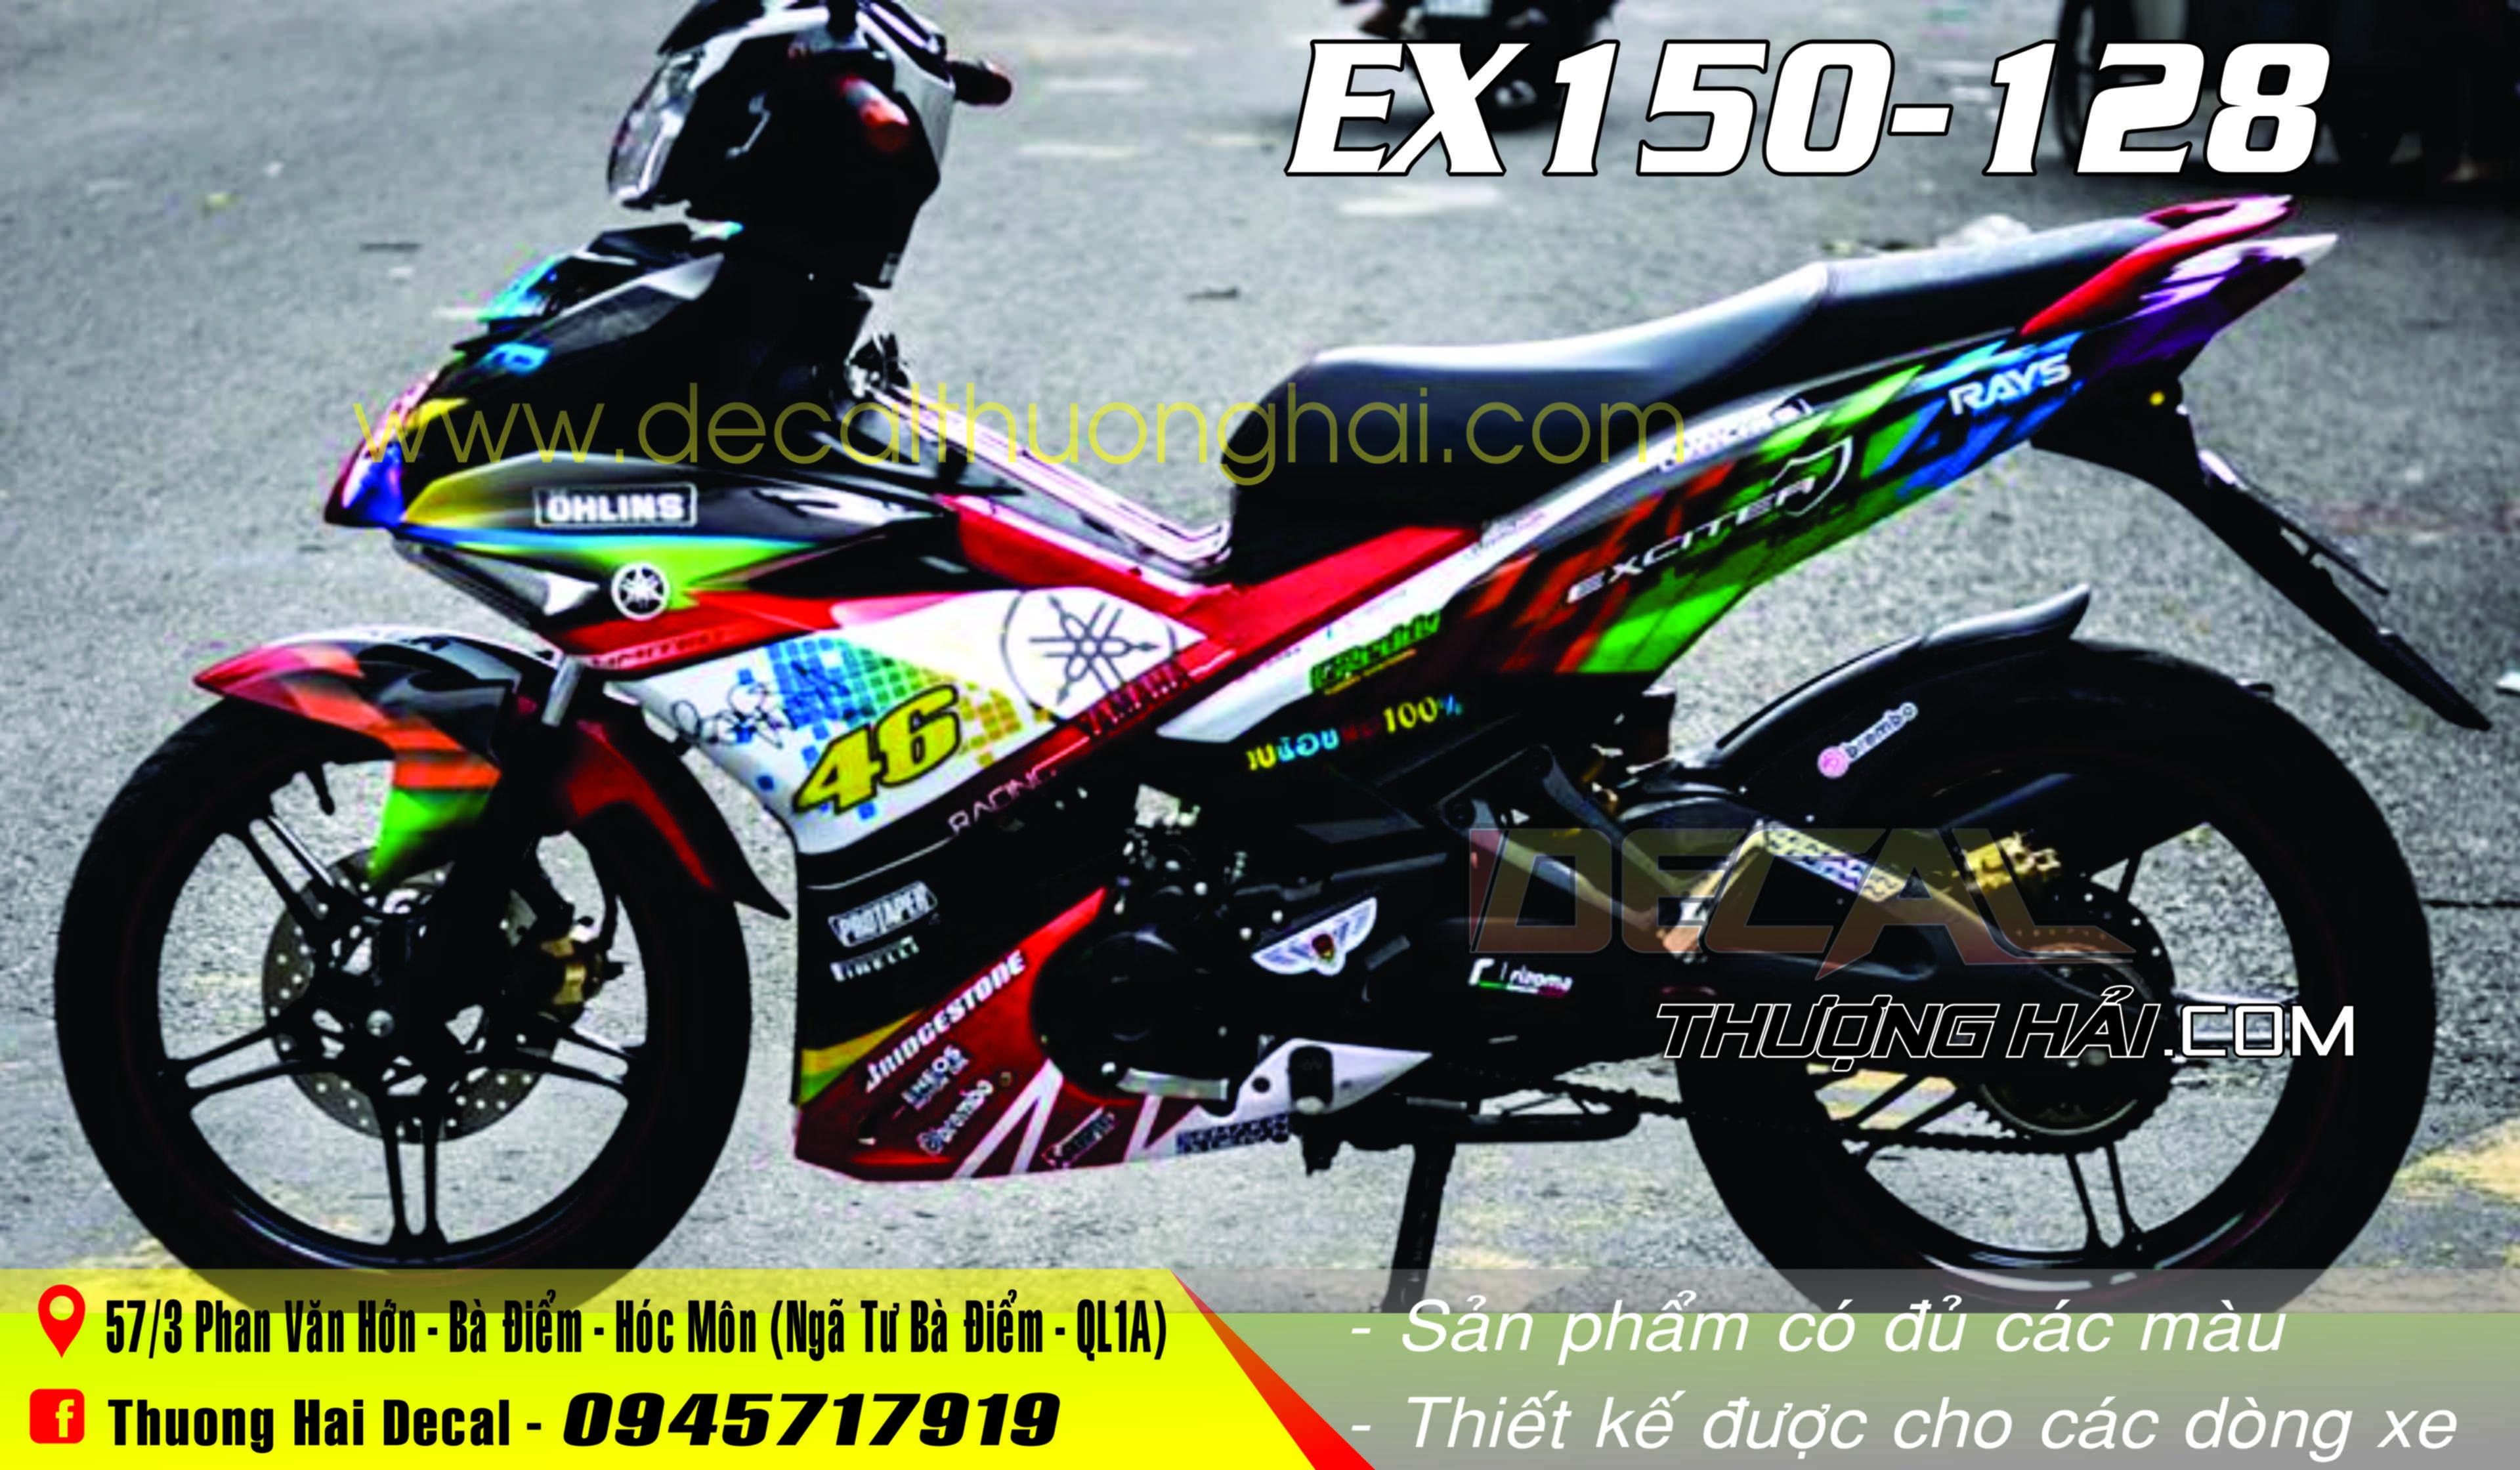 Tem Xe Yamaha Exciter 150 Phối 7 Màu - 128